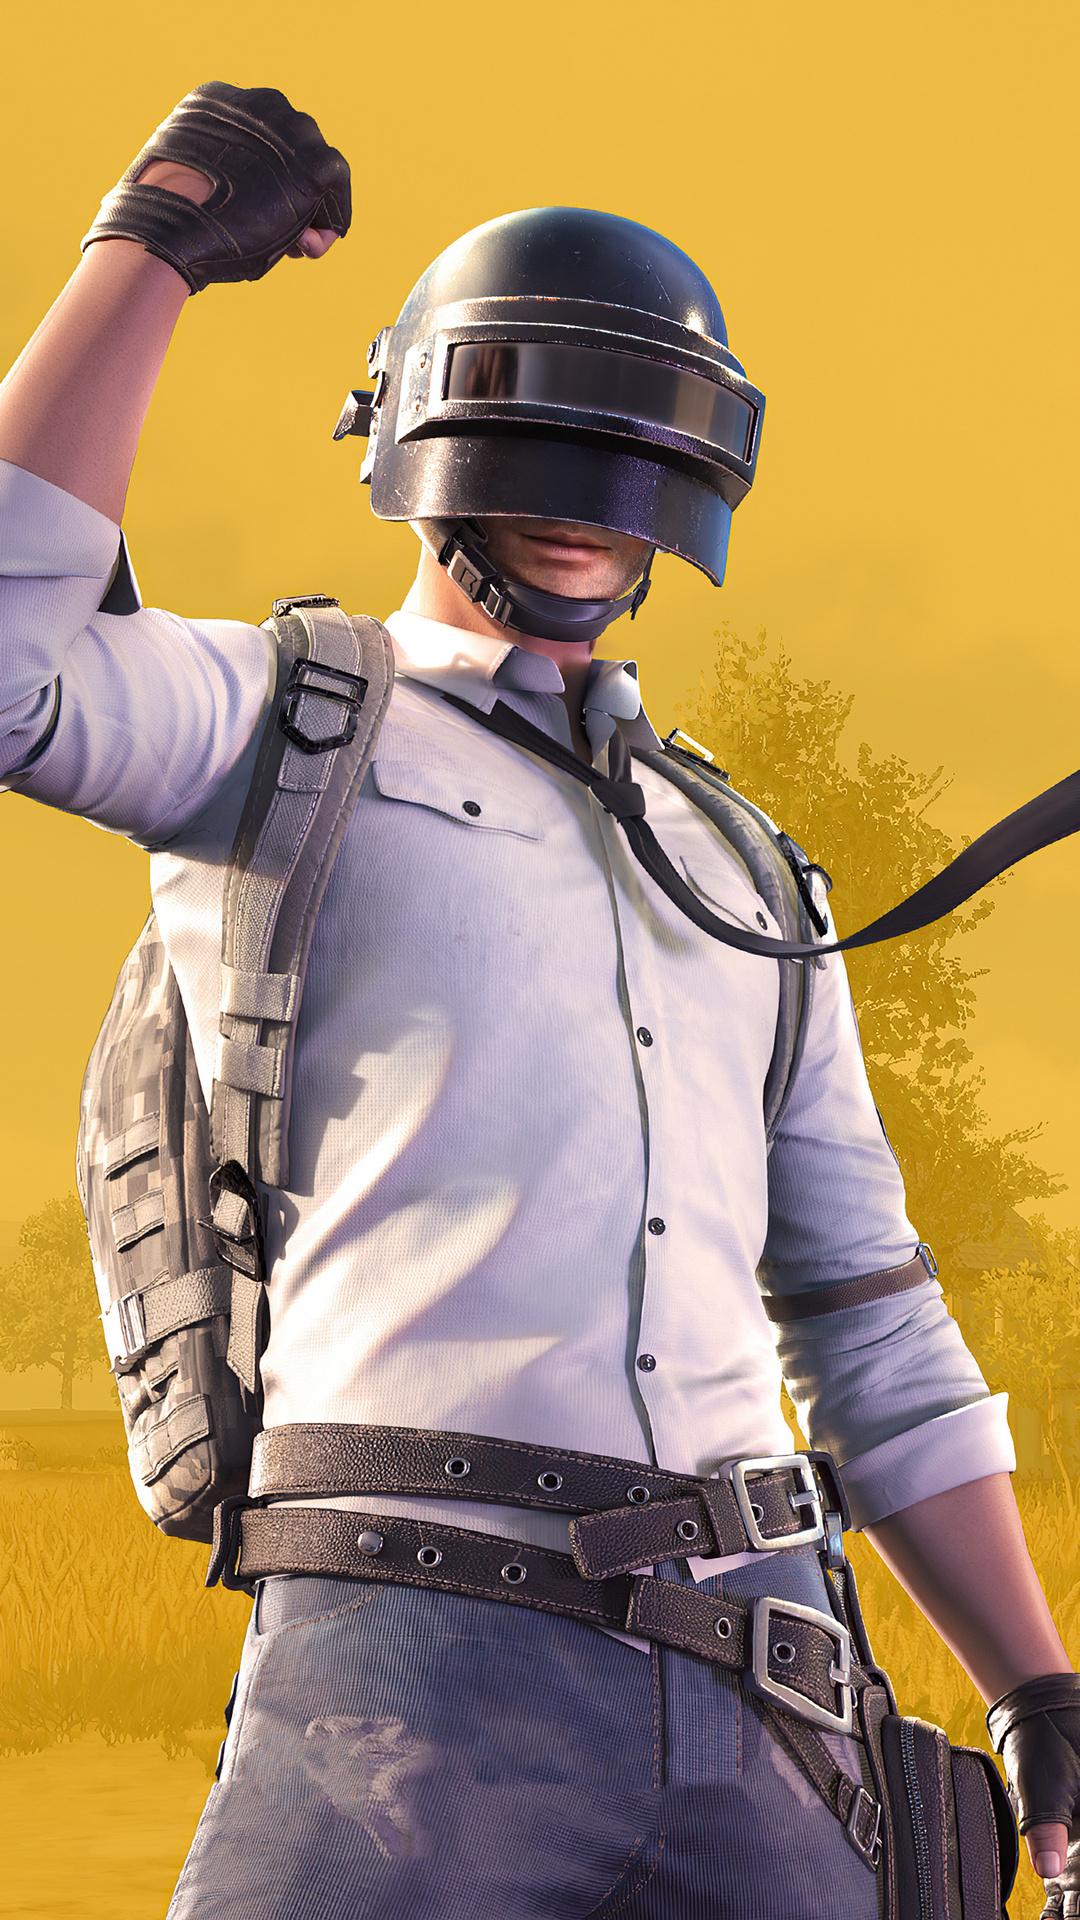 pubg-helmet-guy-2020-4k-cy.jpg